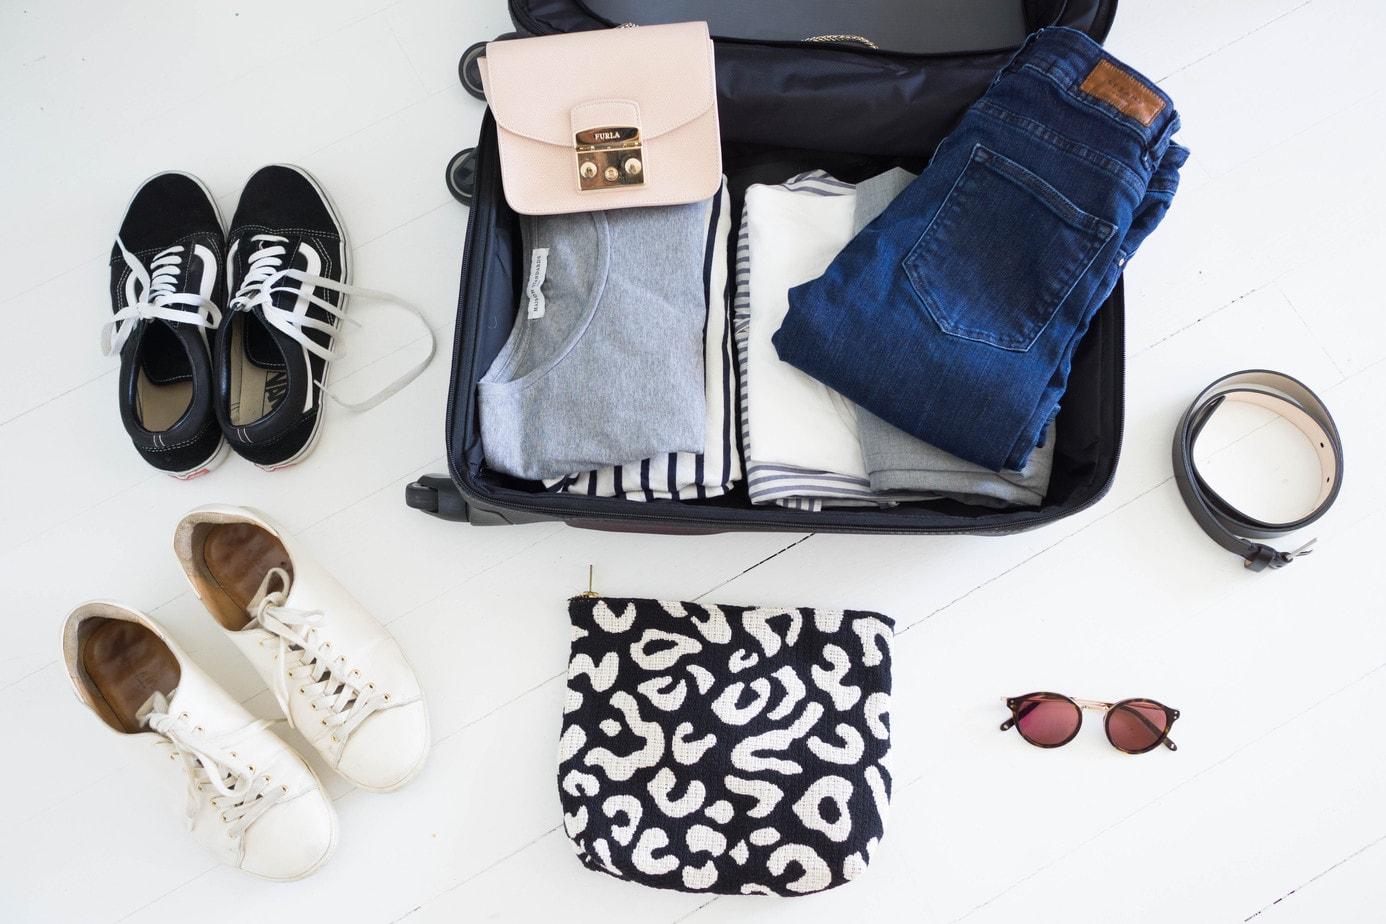 7e0d57bf53 Pas facile de faire une valise idéale pour les vacances ! Si j'aime  voyager, j'ai toujours détesté faire mes bagages ! Allez savoir pourquoi,  cela m'a ...